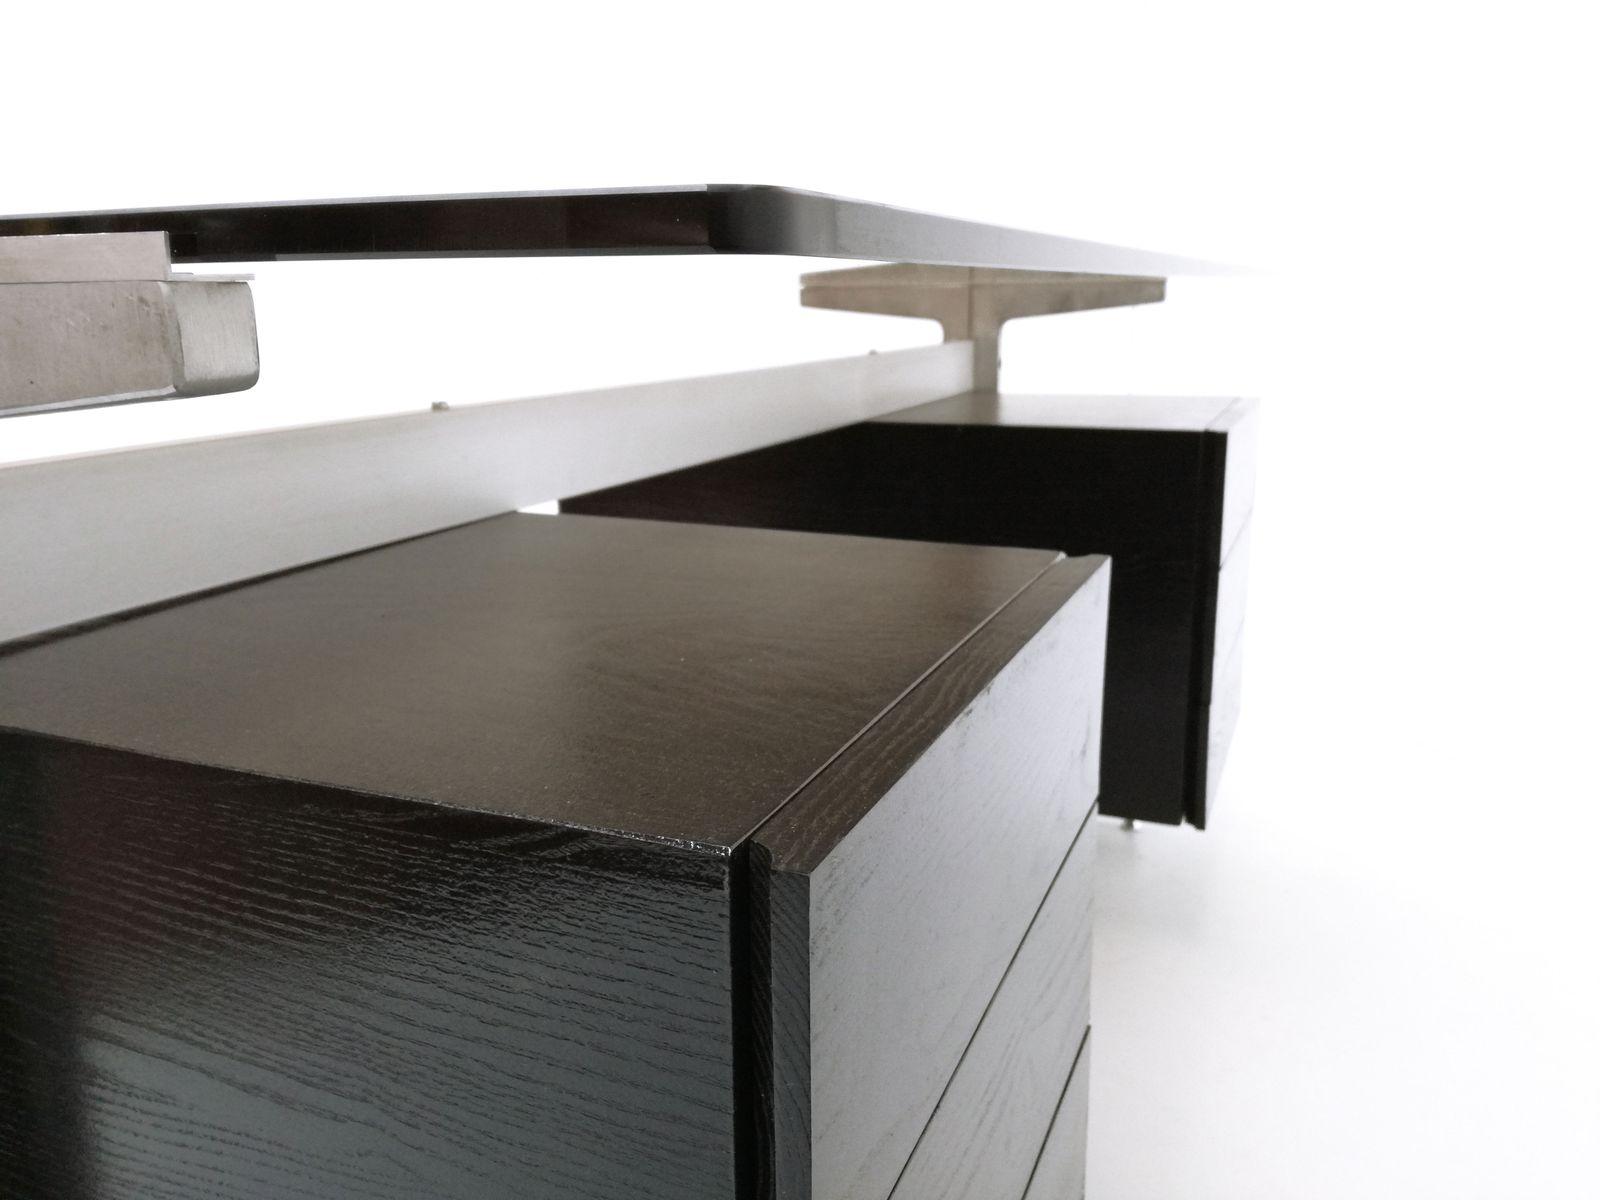 bureau avec double compartiment par etienne fermigier pour jfr 1970s en vente sur pamono. Black Bedroom Furniture Sets. Home Design Ideas